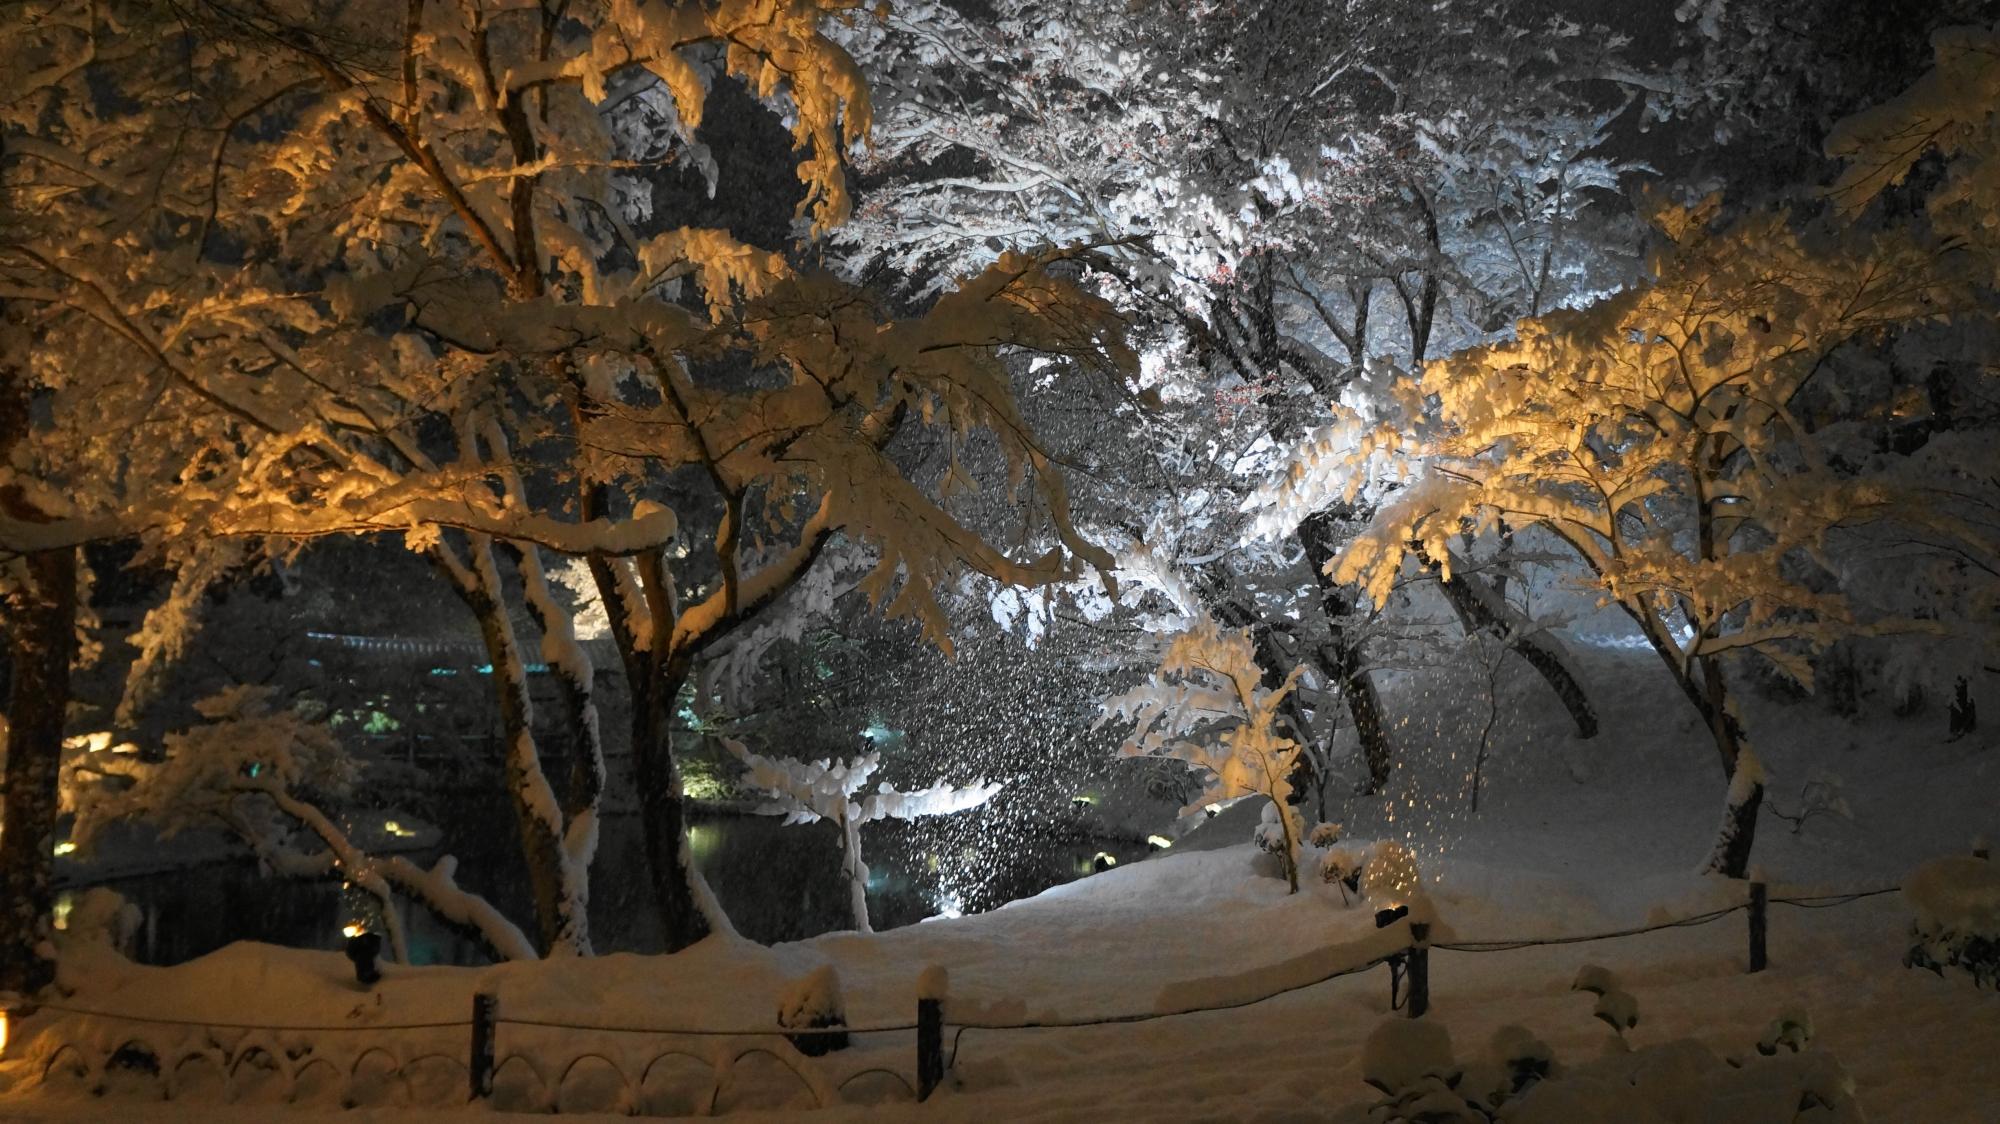 赤や白のライトに照らされる雪の庭園と池